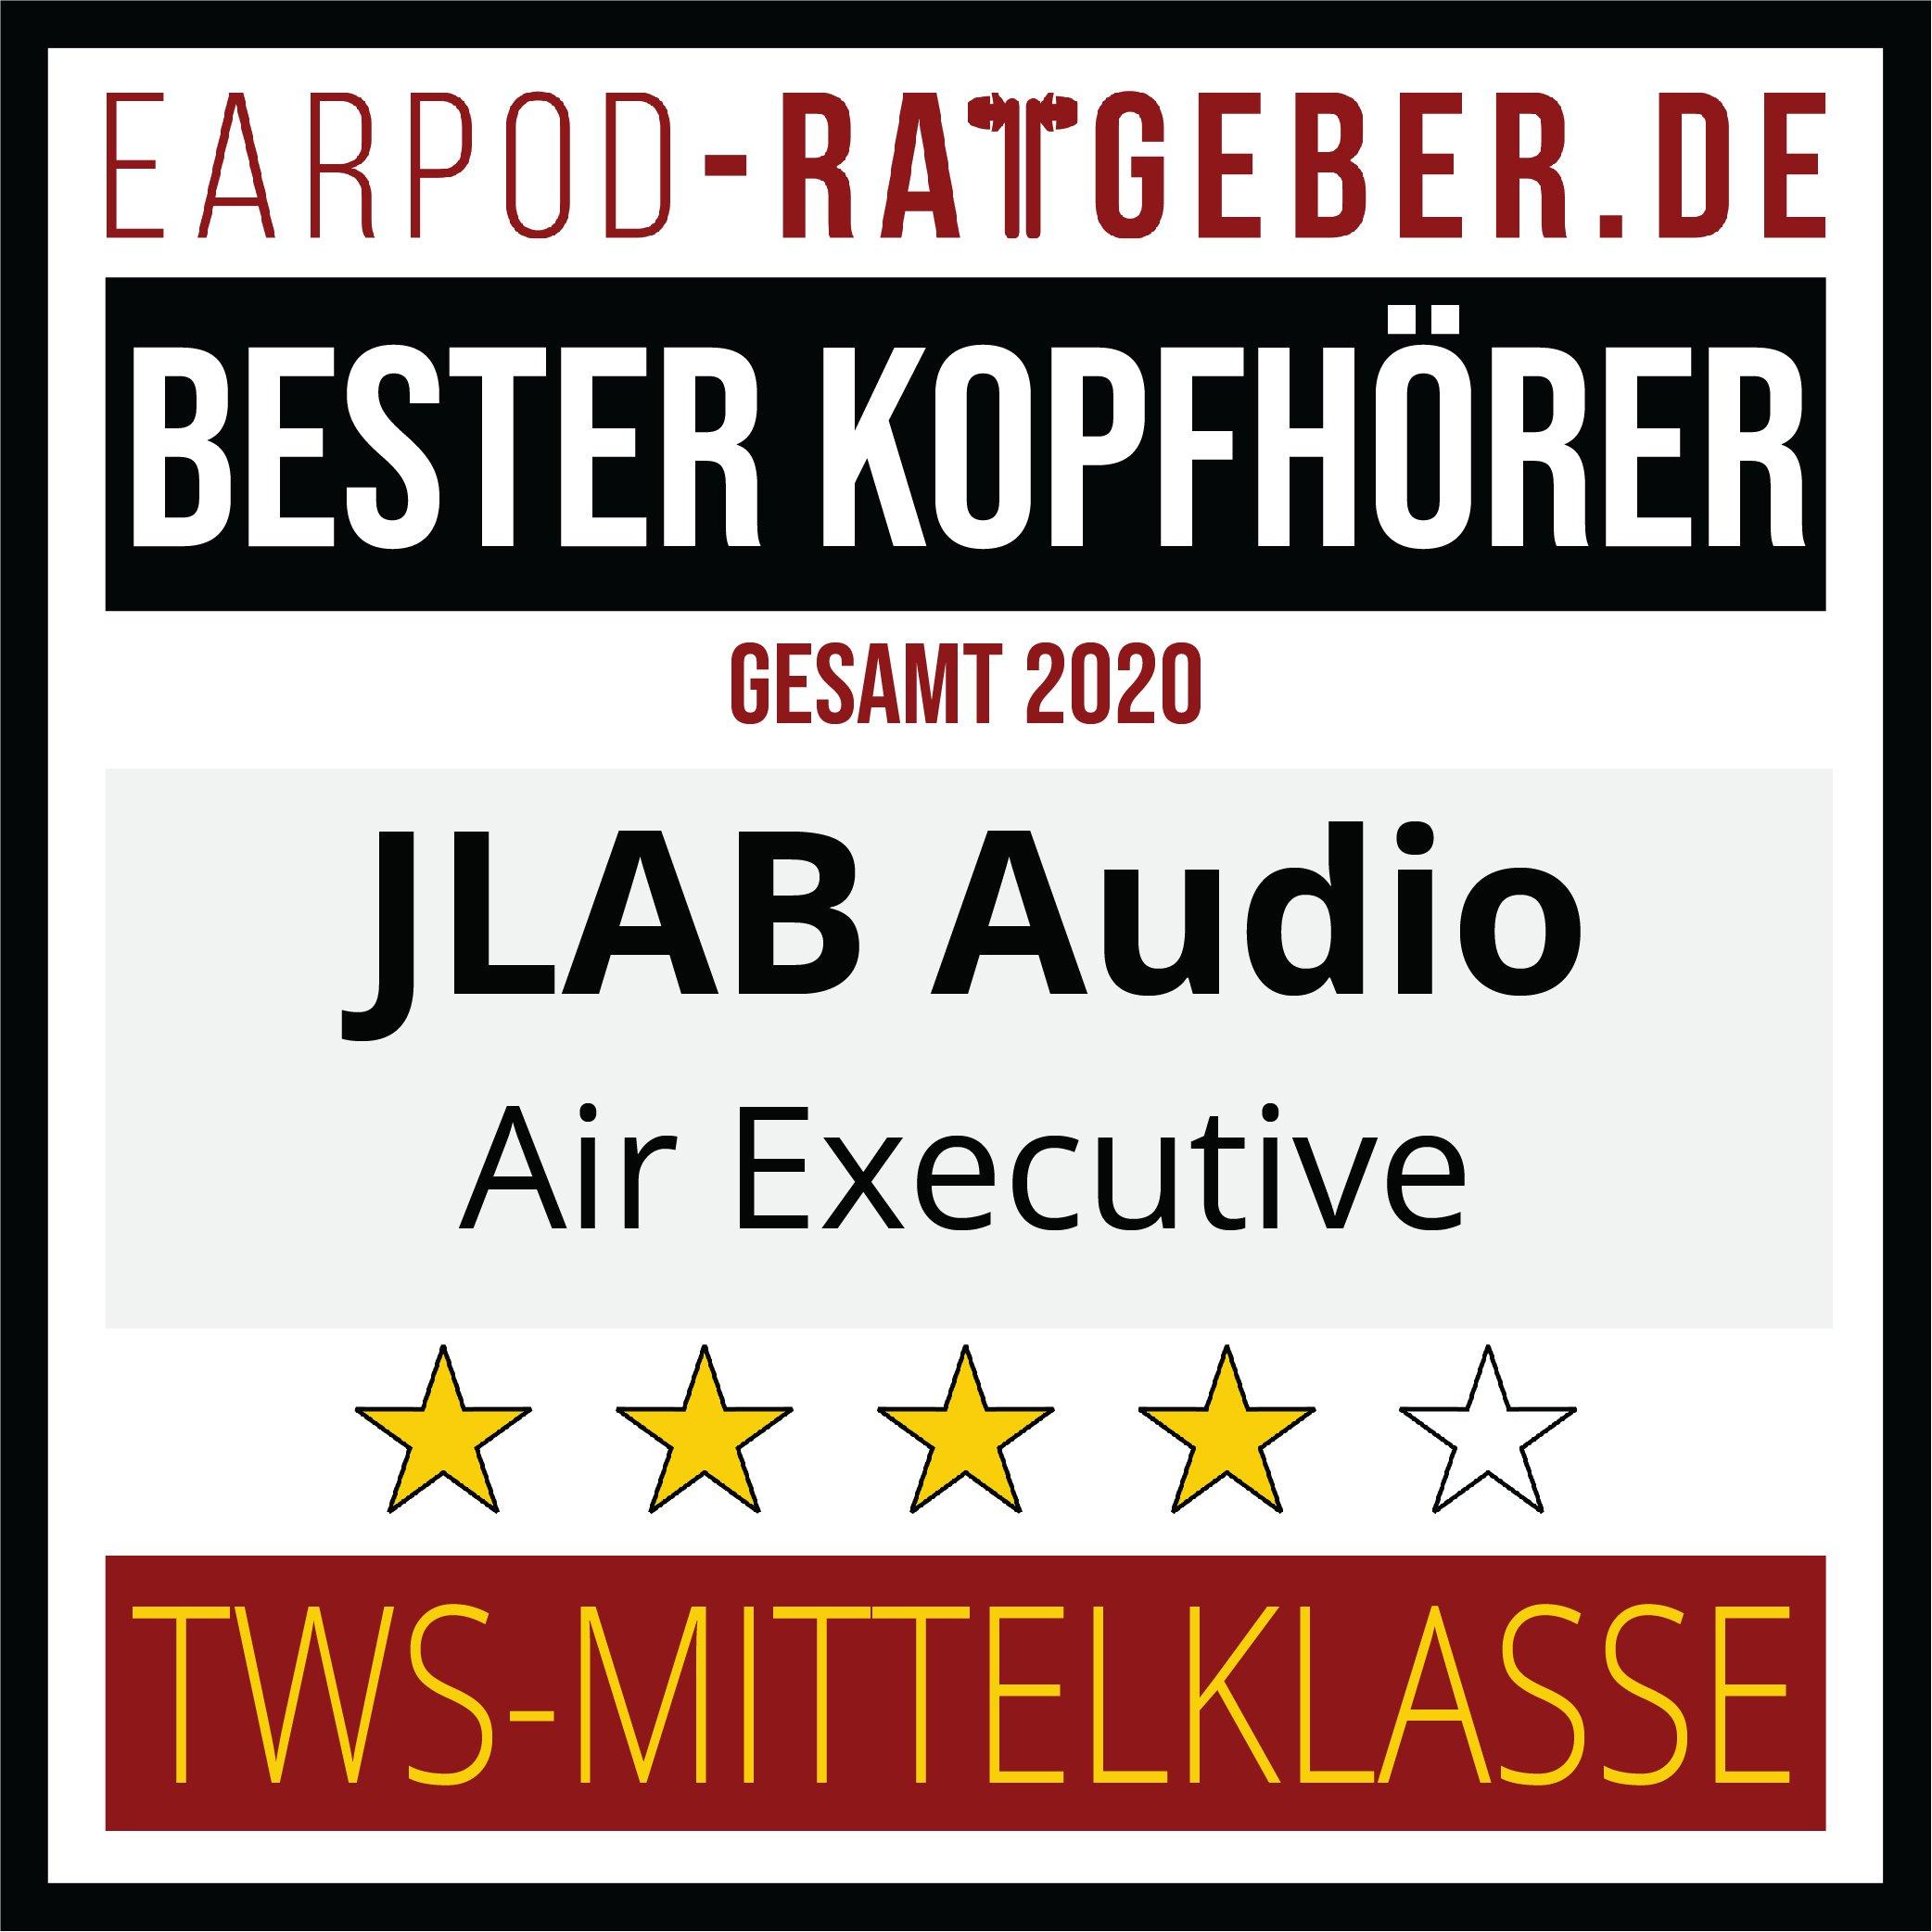 Die besten Kopfhörer 2020 Earpod-Ratgeber.de Awards Einsteiger JLAB Gesamt